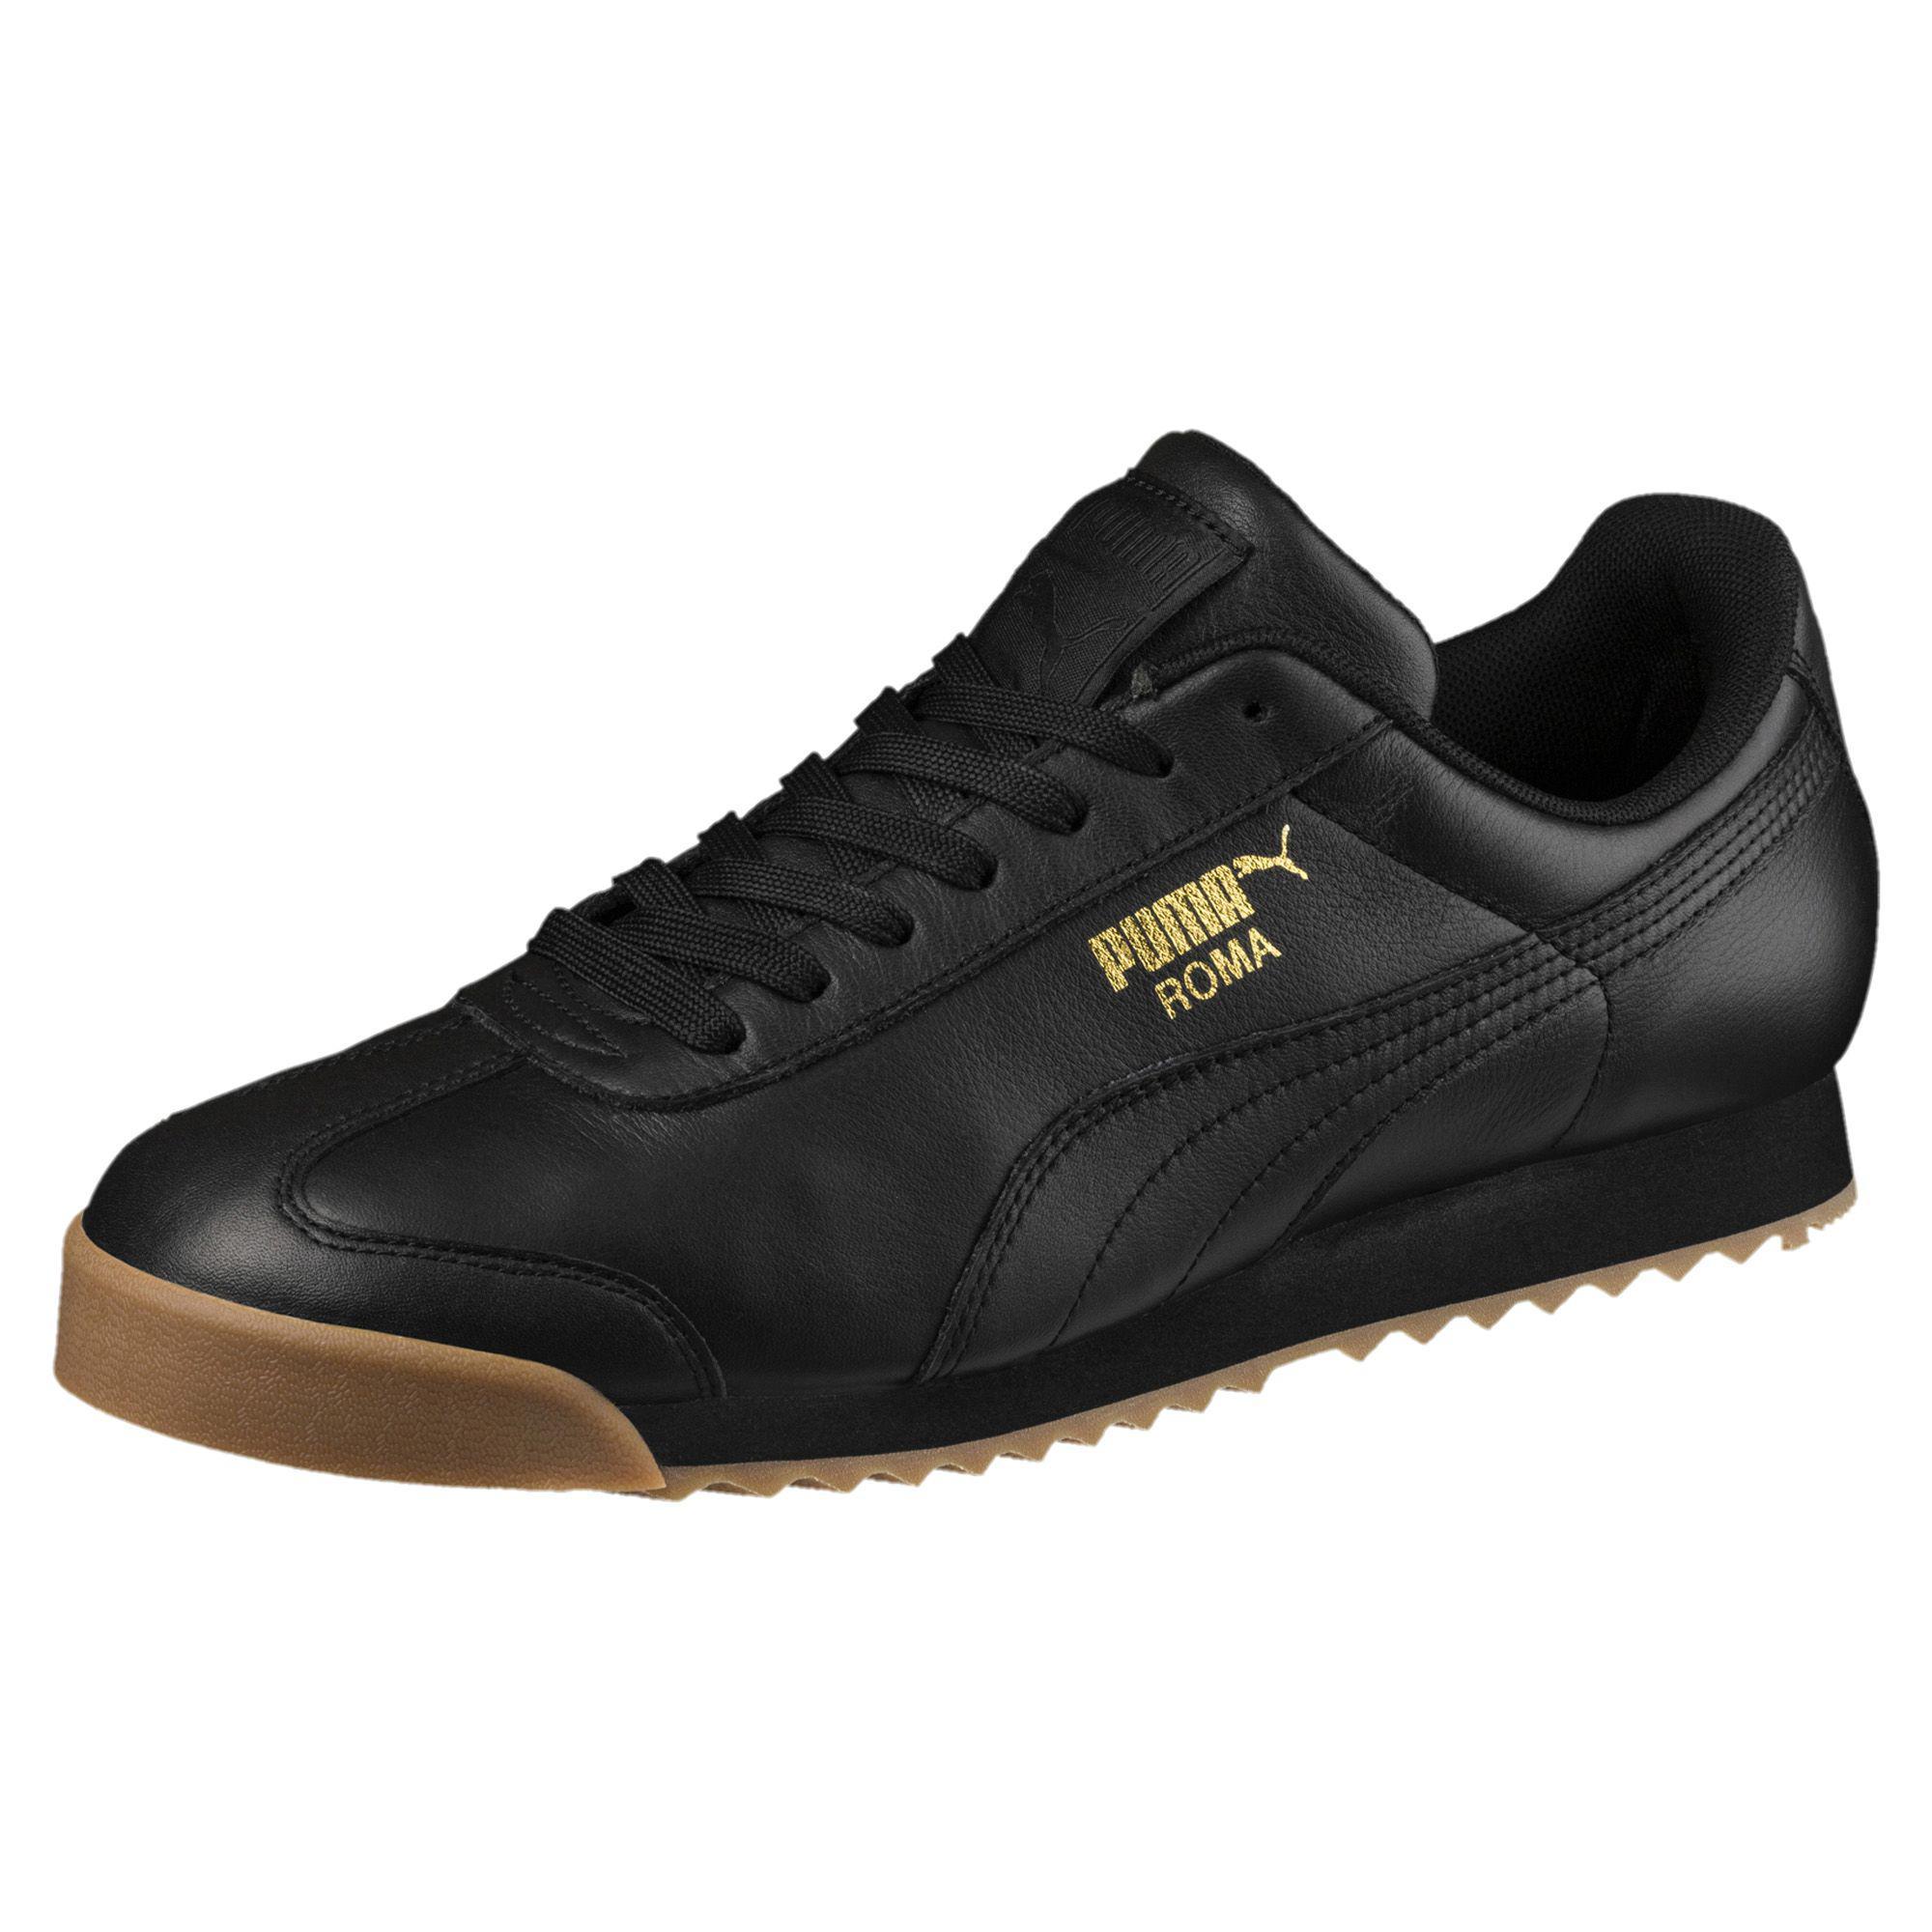 90ad4292385 Lyst - PUMA Roma Classic Gum Sneakers in Black for Men